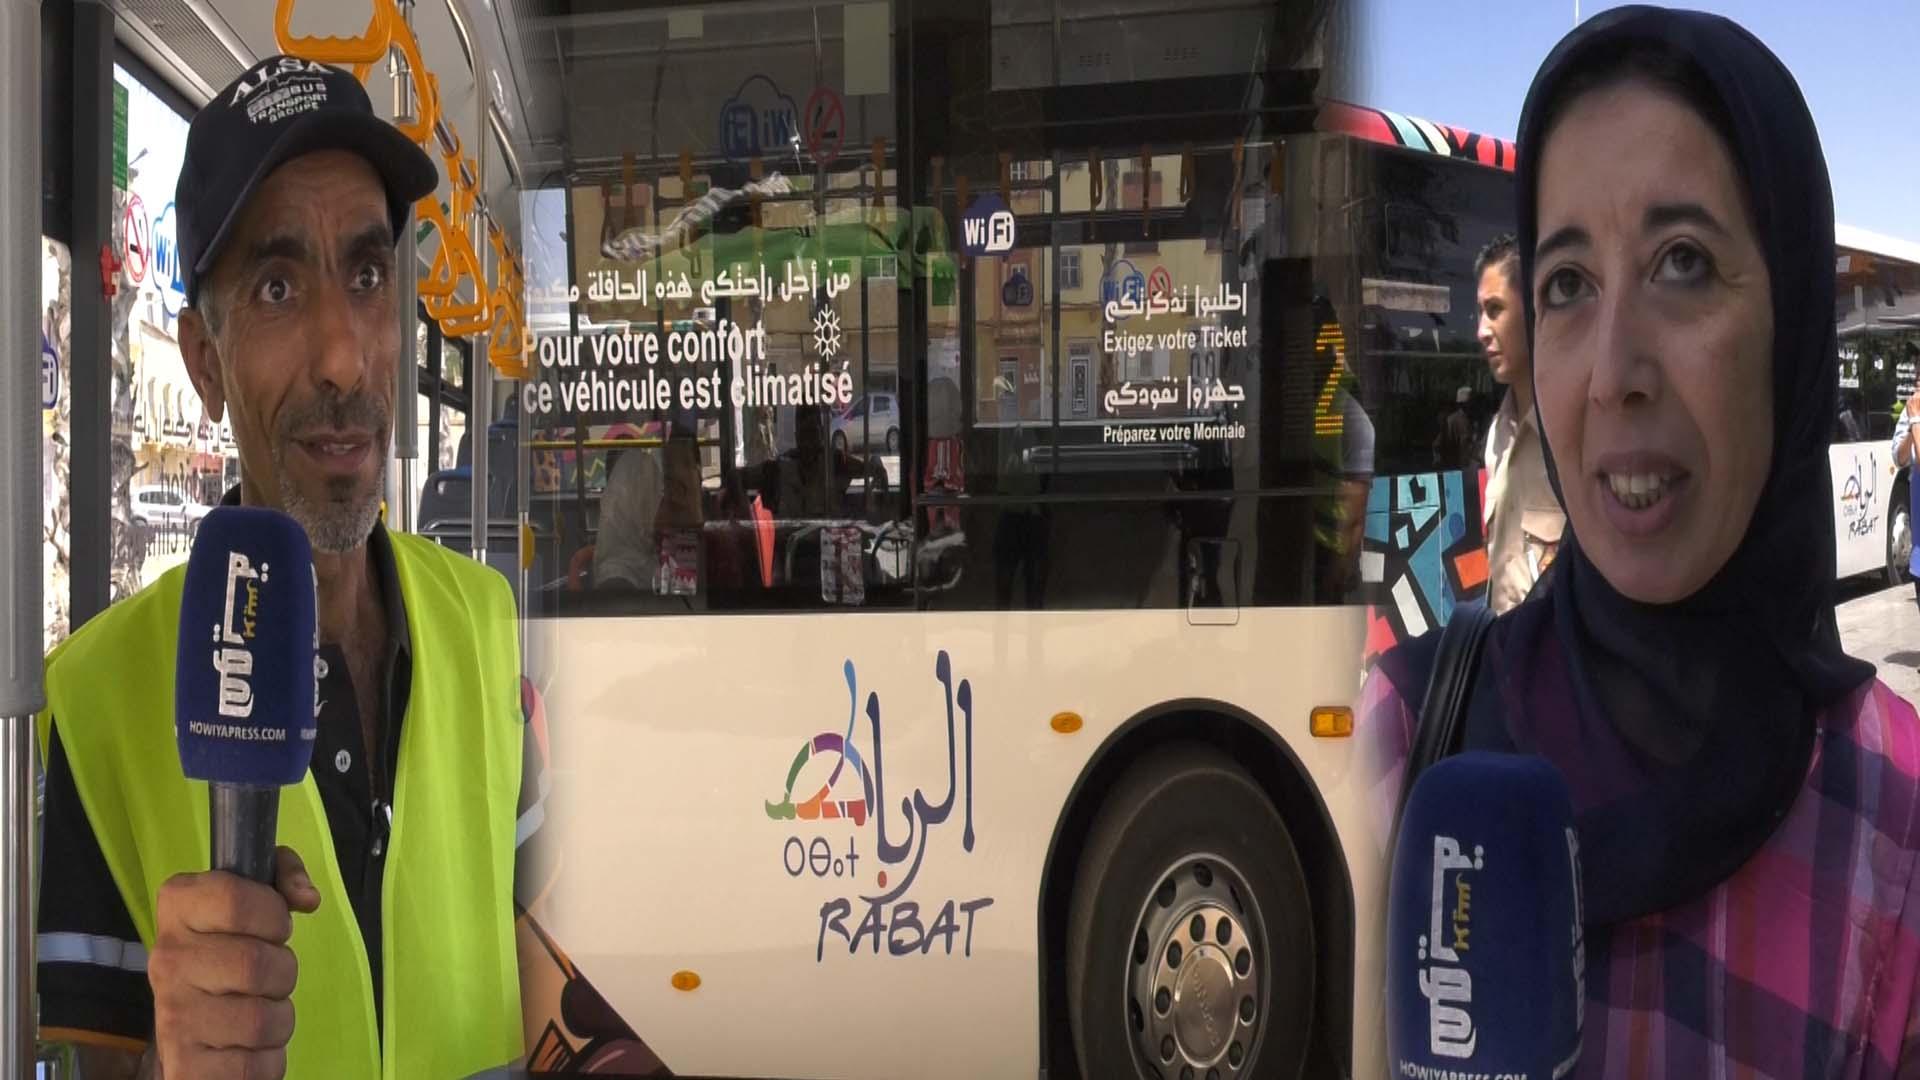 فيديو.. شاهد امتيازات ونظام العمل بالحافلات الجديدة في الرباط وسلا